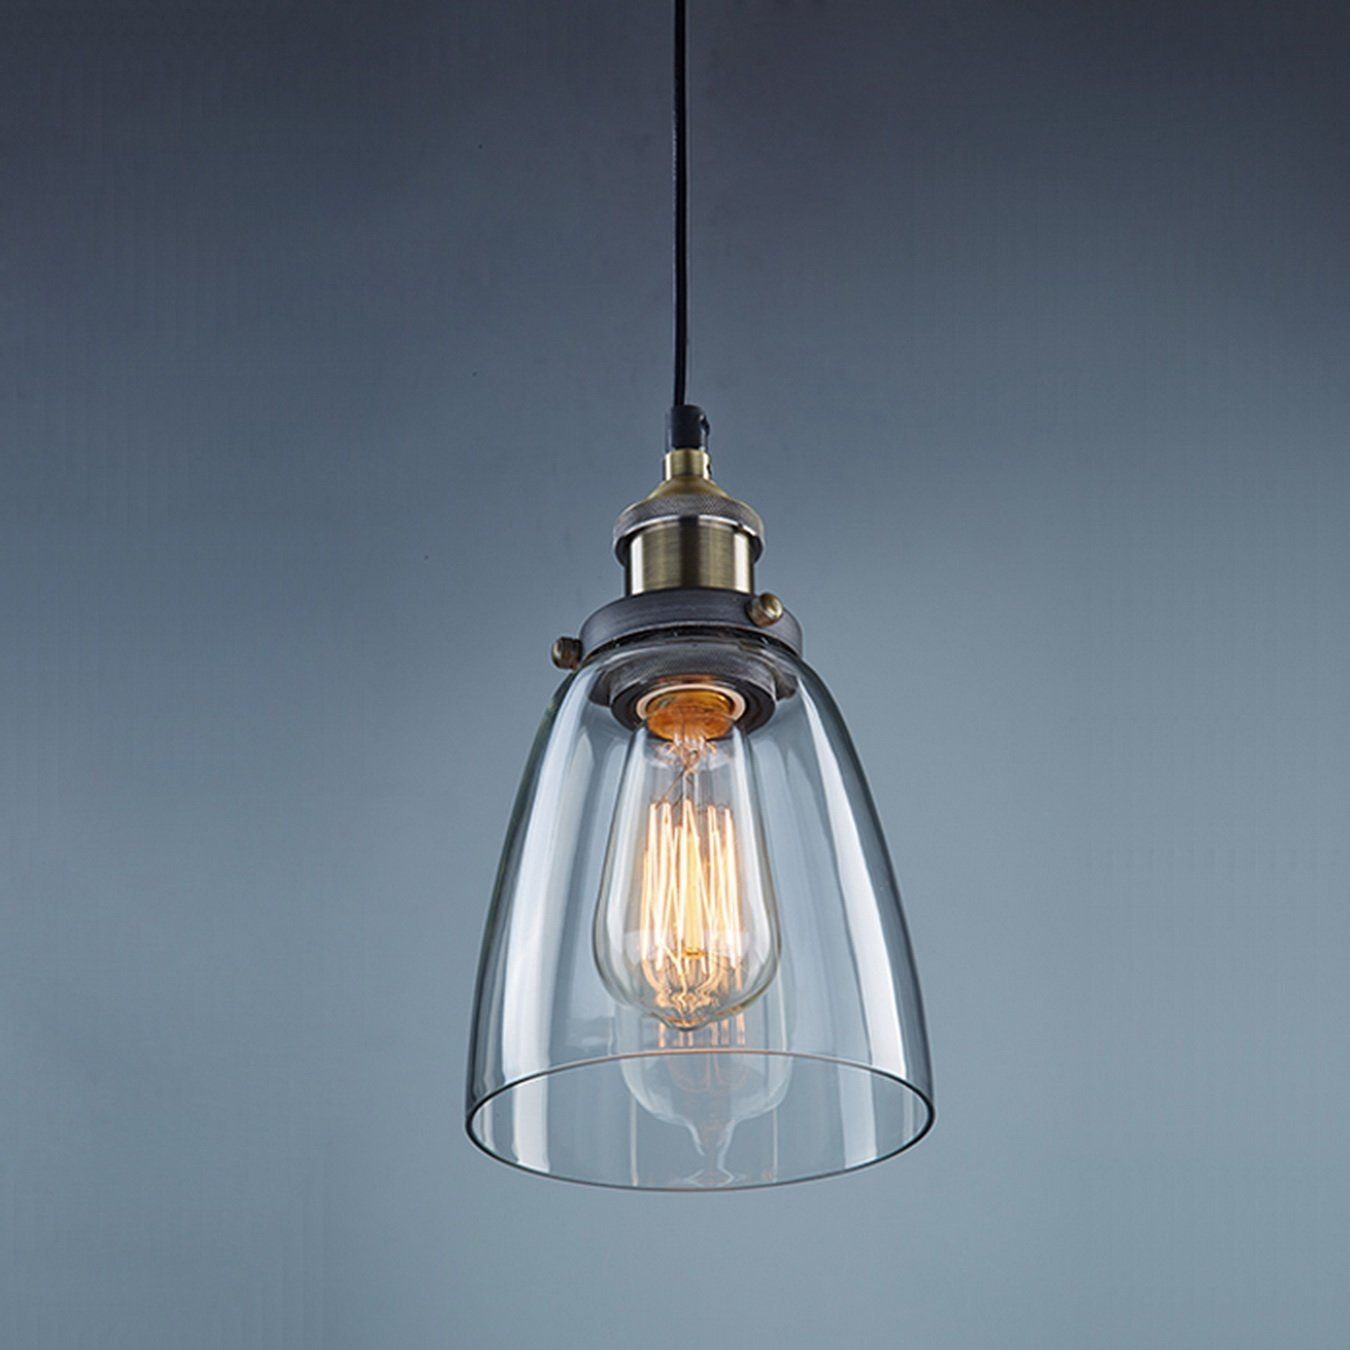 Https Www Amazon De Claxy Deckenleuchte Pendelleuchte Vintage Design Industrie Look Dp B01cjl52yq Hangelampe Glas Pendelleuchte Lampe